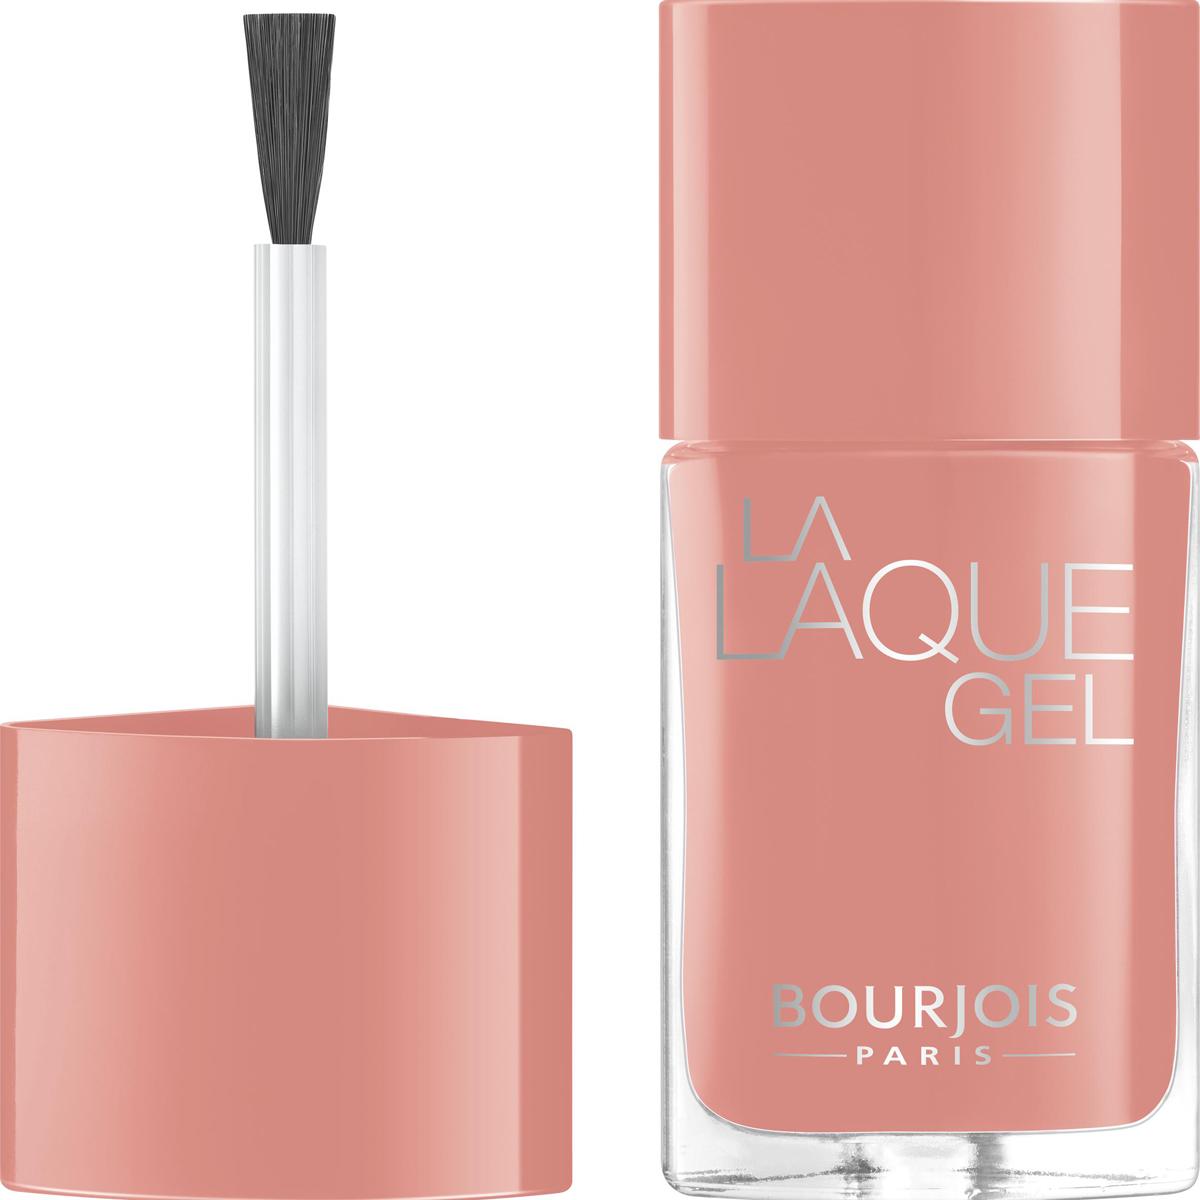 Bourjois Гель-лак Для Ногтей La Laque Gel, Тон 2629101362026Маникюр в 2 шага. Без УФ-лампы. Легко удалить жидкостью для снятия лака. Стойкость до 15 дней. Интенсивность цвета и сияние.